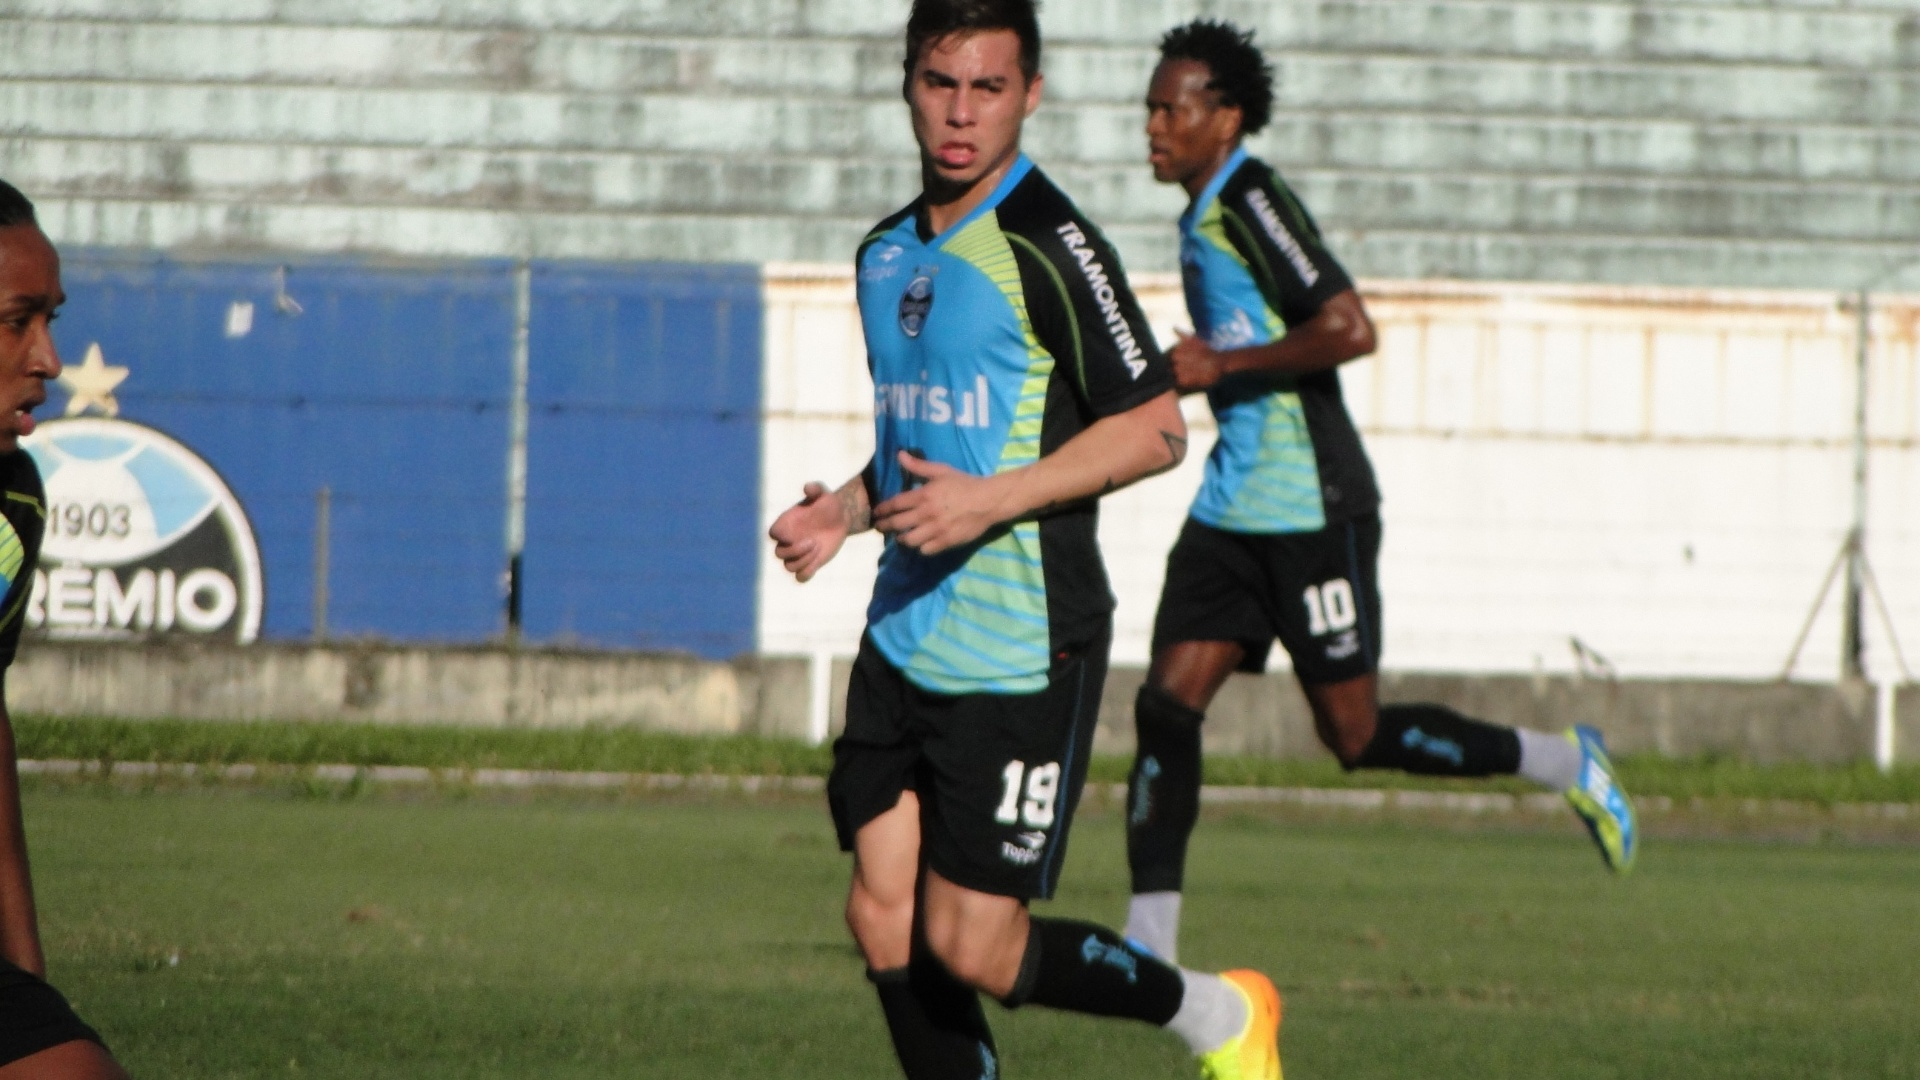 Atacante Eduardo Vargas e meia Zé Roberto voltam a participar de coletivo no Grêmio depois de se recuperarem de lesões (29/08/2013)